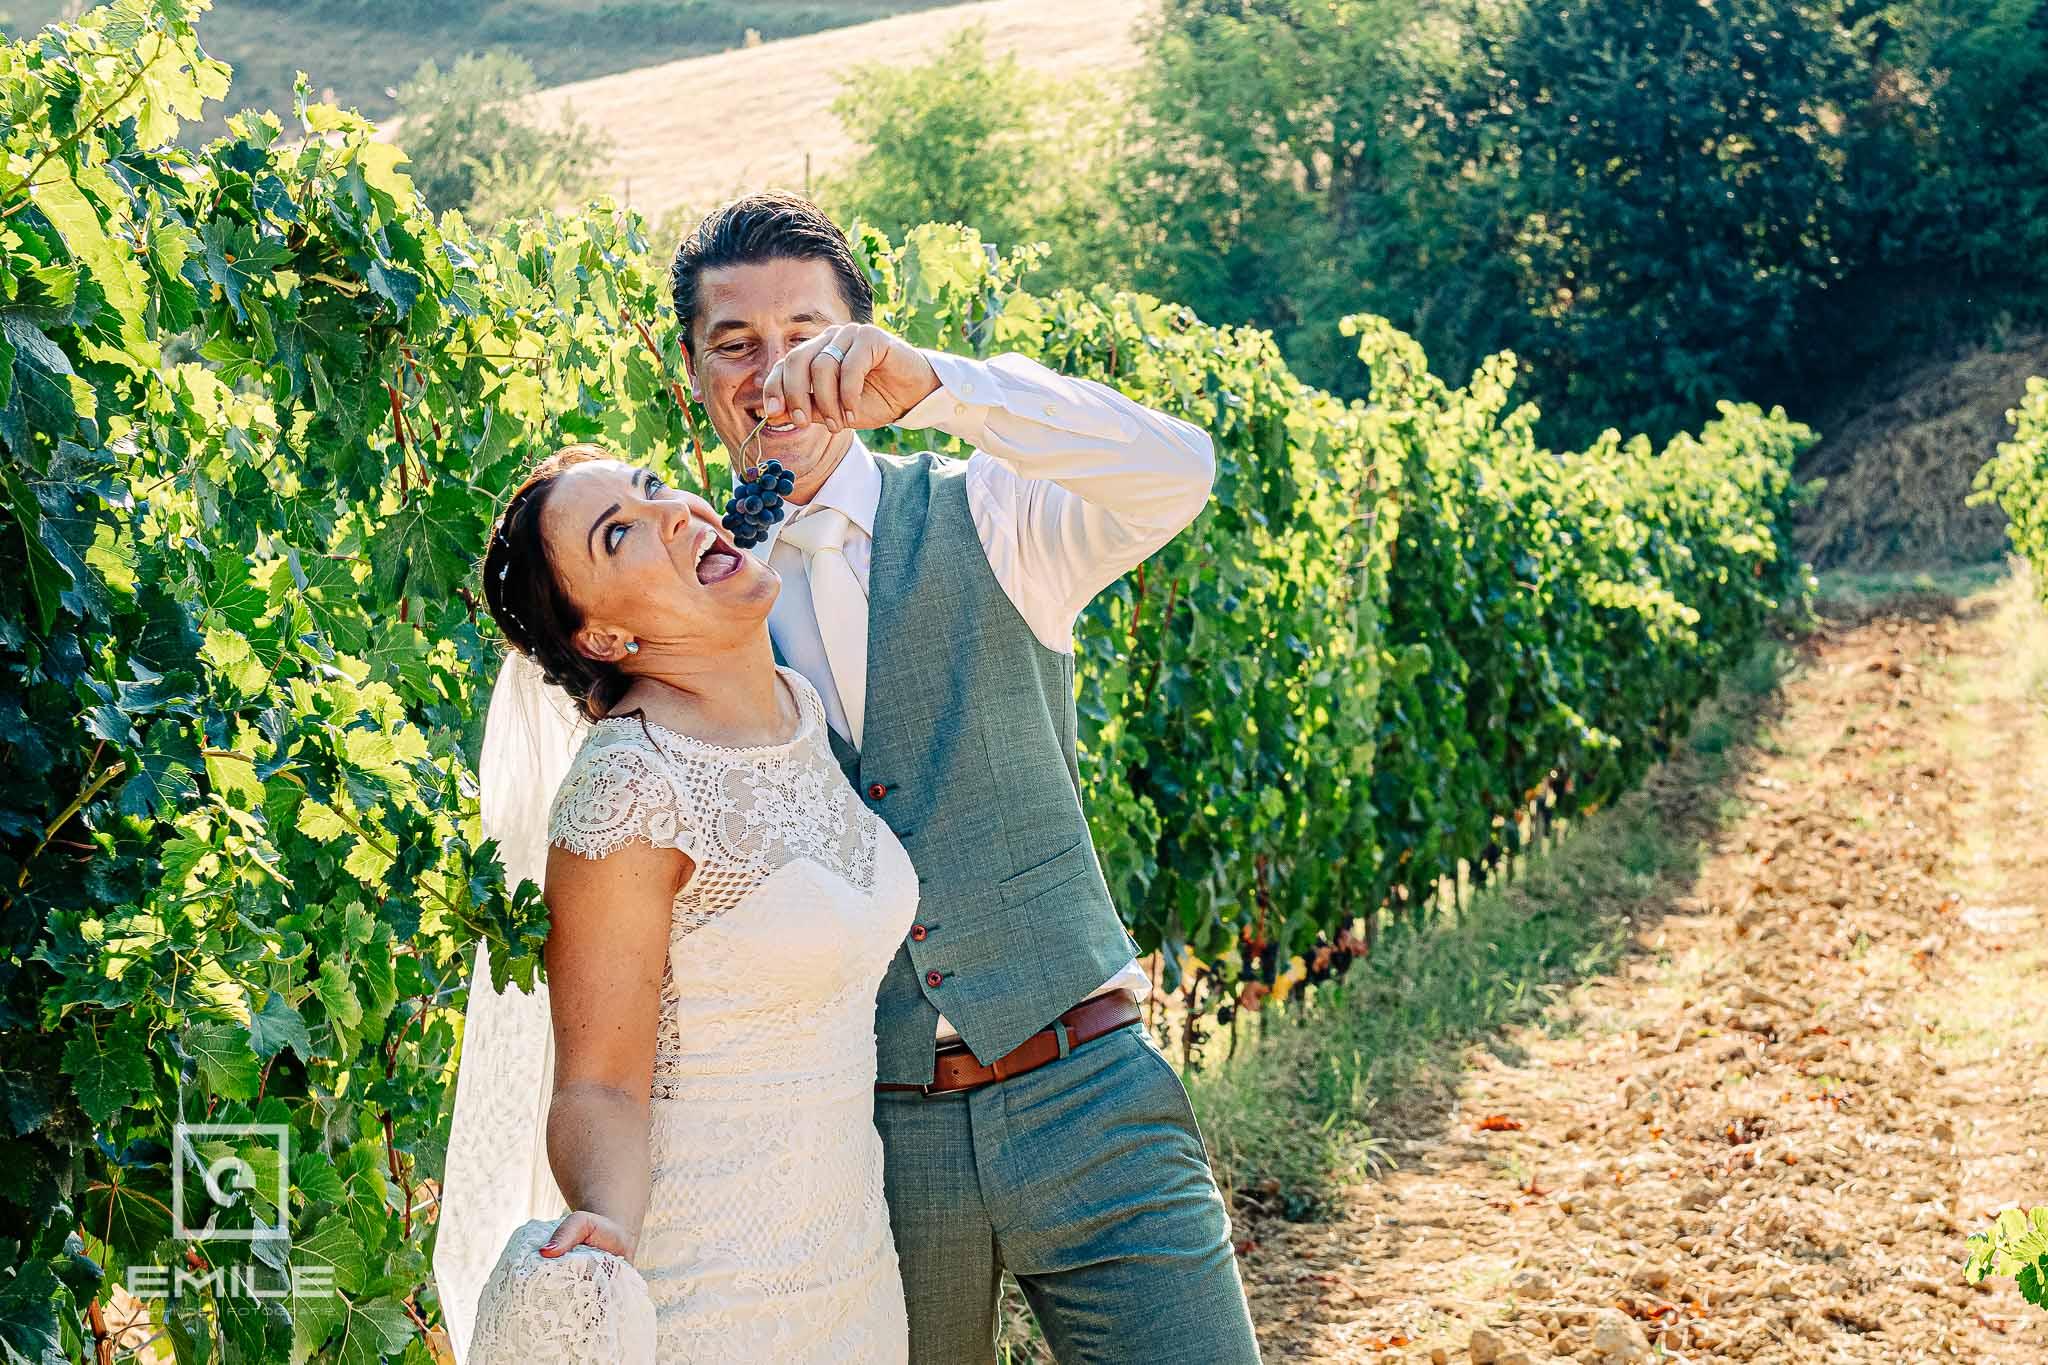 Bruid eet druiven in de wijnvelden- Destination wedding San Gimignano - Toscane Italie - Iris en Job